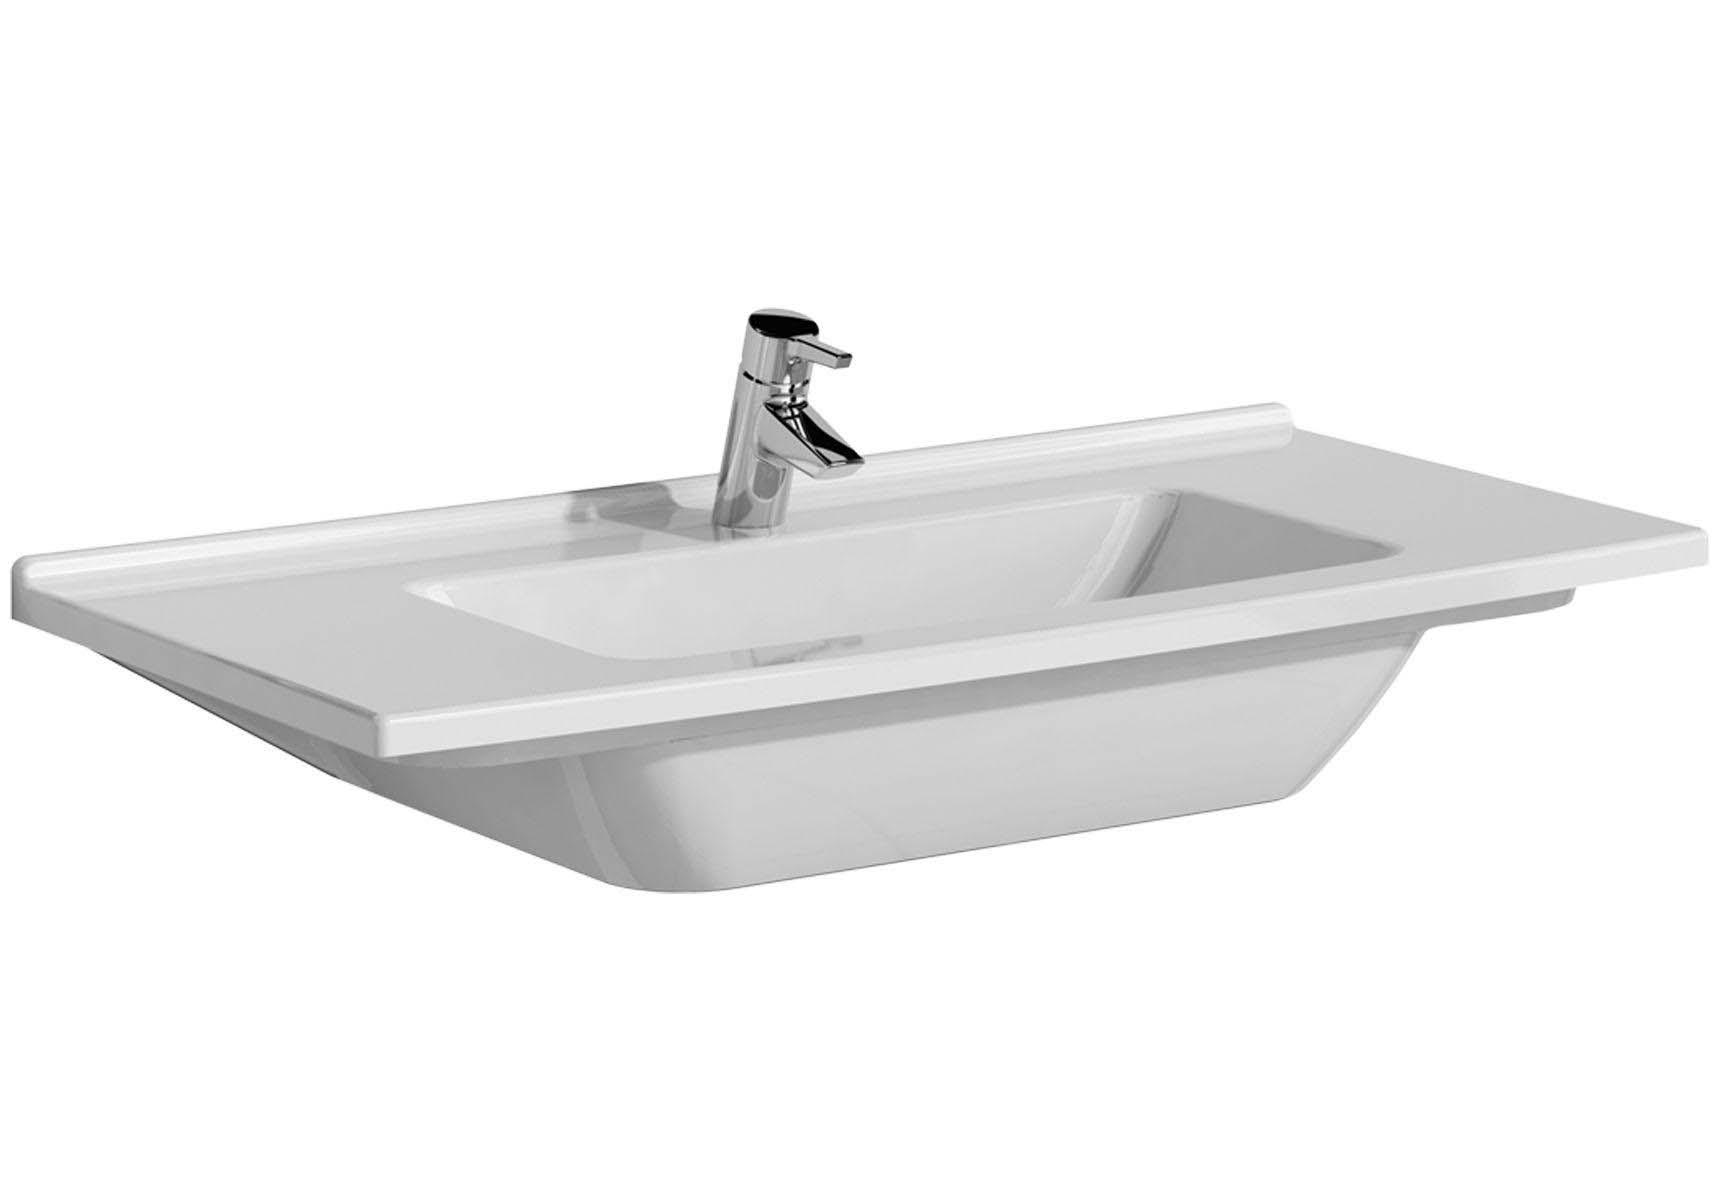 S50 Vanity Basin, 120 cm